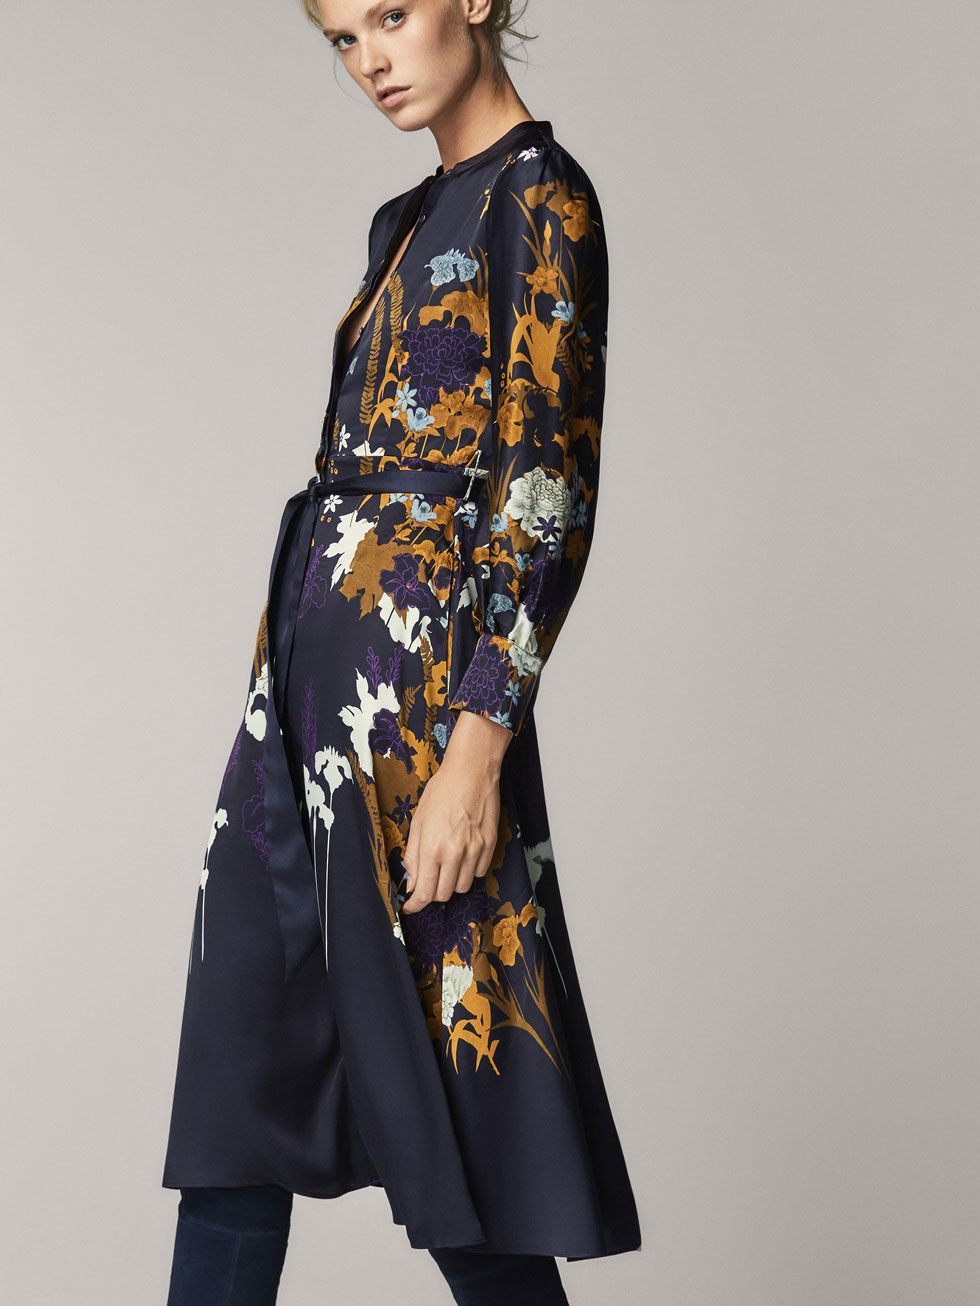 VESTIDO RASO ESTAMPADO FLORAL DETALLE LAZADA de MUJER - Vestidos de Massimo  Dutti de Otoño Invierno 2017 por 89.95. ¡Elegancia natural! 3b33f6d2abc2